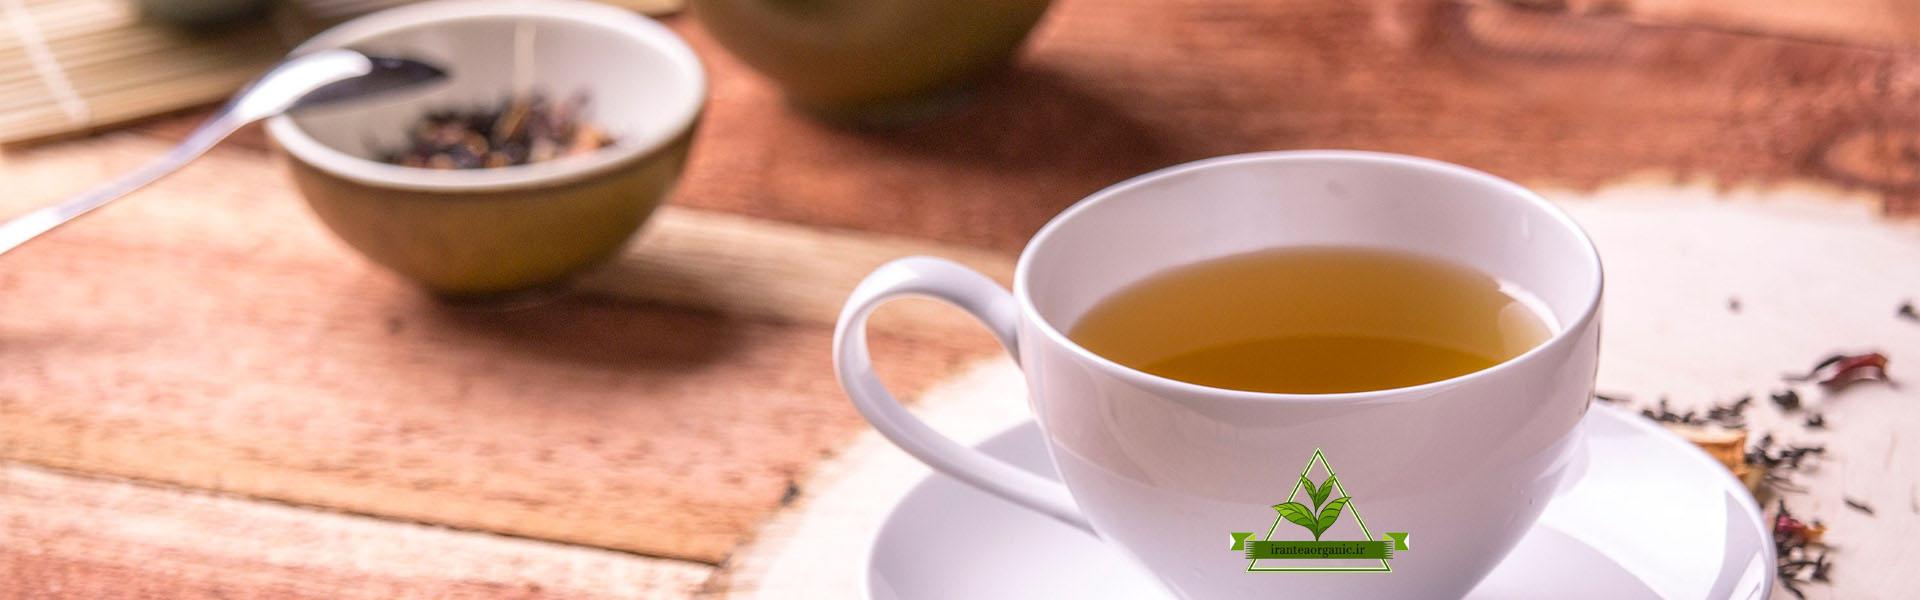 فروش چای شمال ایرانی